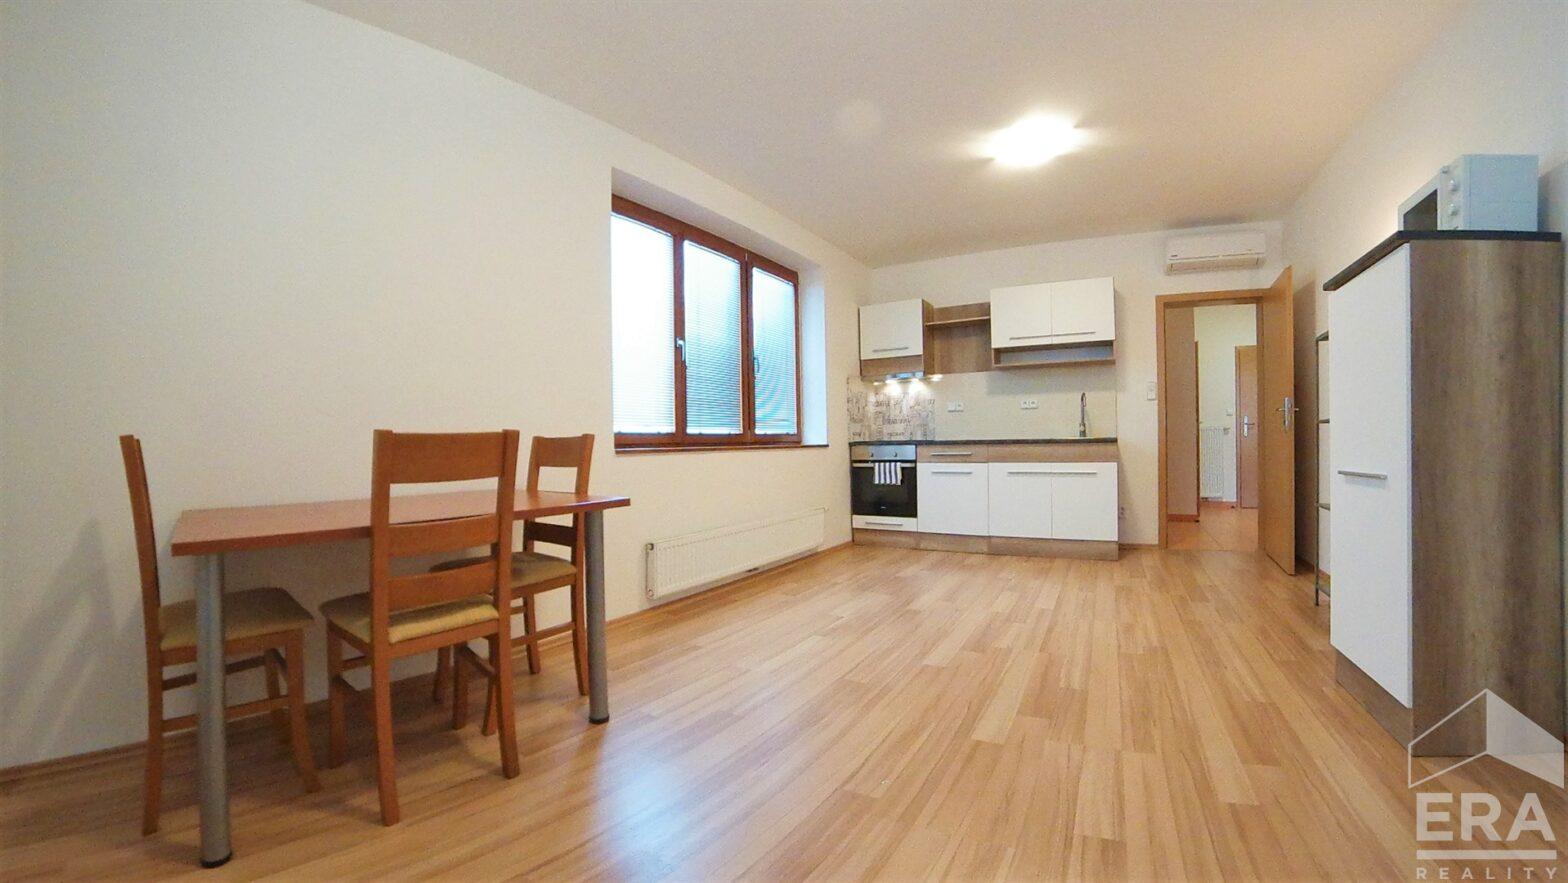 Pronájem bytu 2+kk, 57m2, ul. Velflíkova 10, Praha 6 – Dejvice